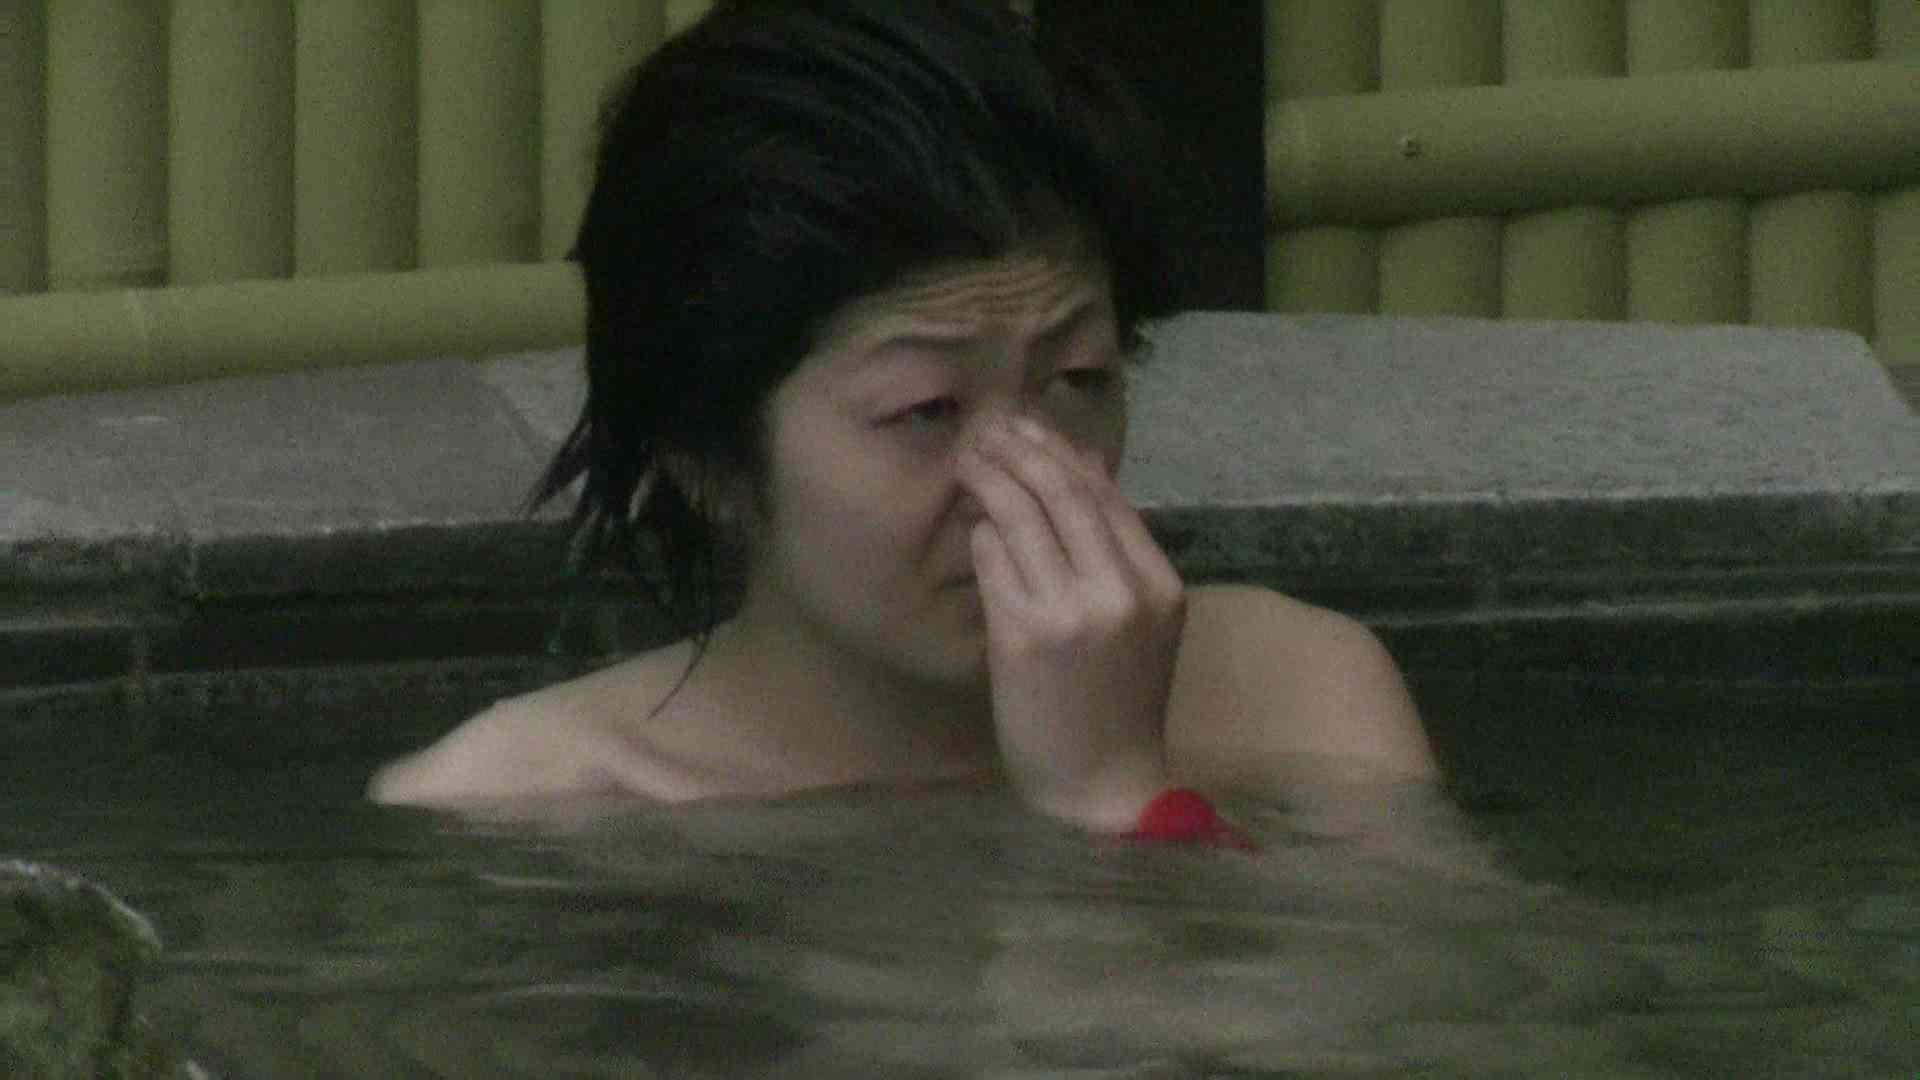 Aquaな露天風呂Vol.538 OLのエロ生活   盗撮  90連発 88